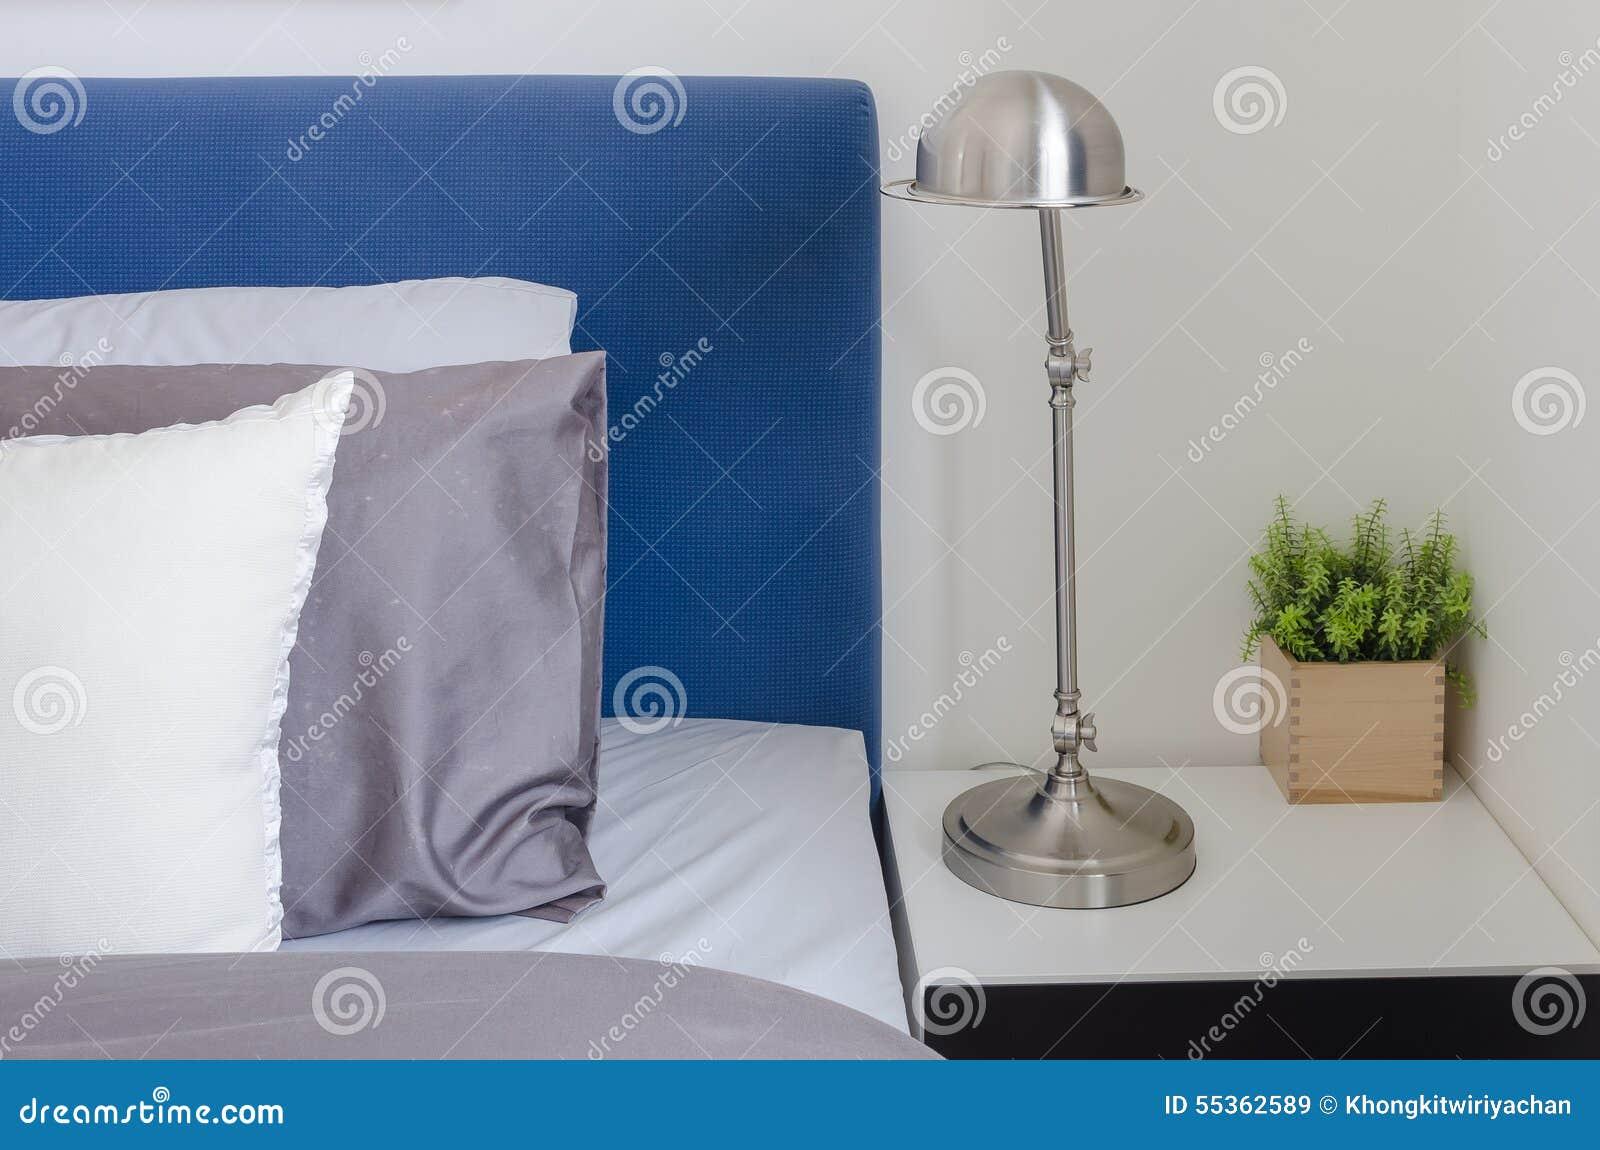 Lampada moderna sulla tavola bianca in camera da letto